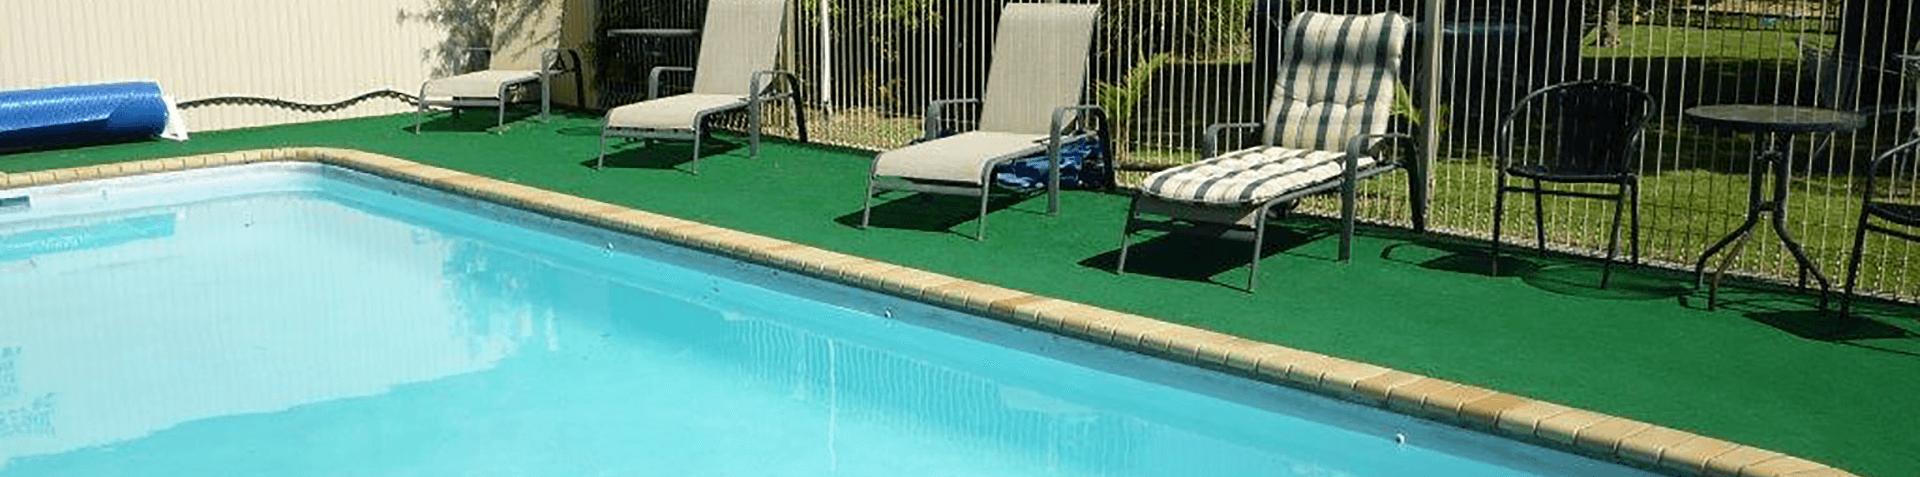 Swimming Pool - Nicholas Royal Motel - Hay NSW